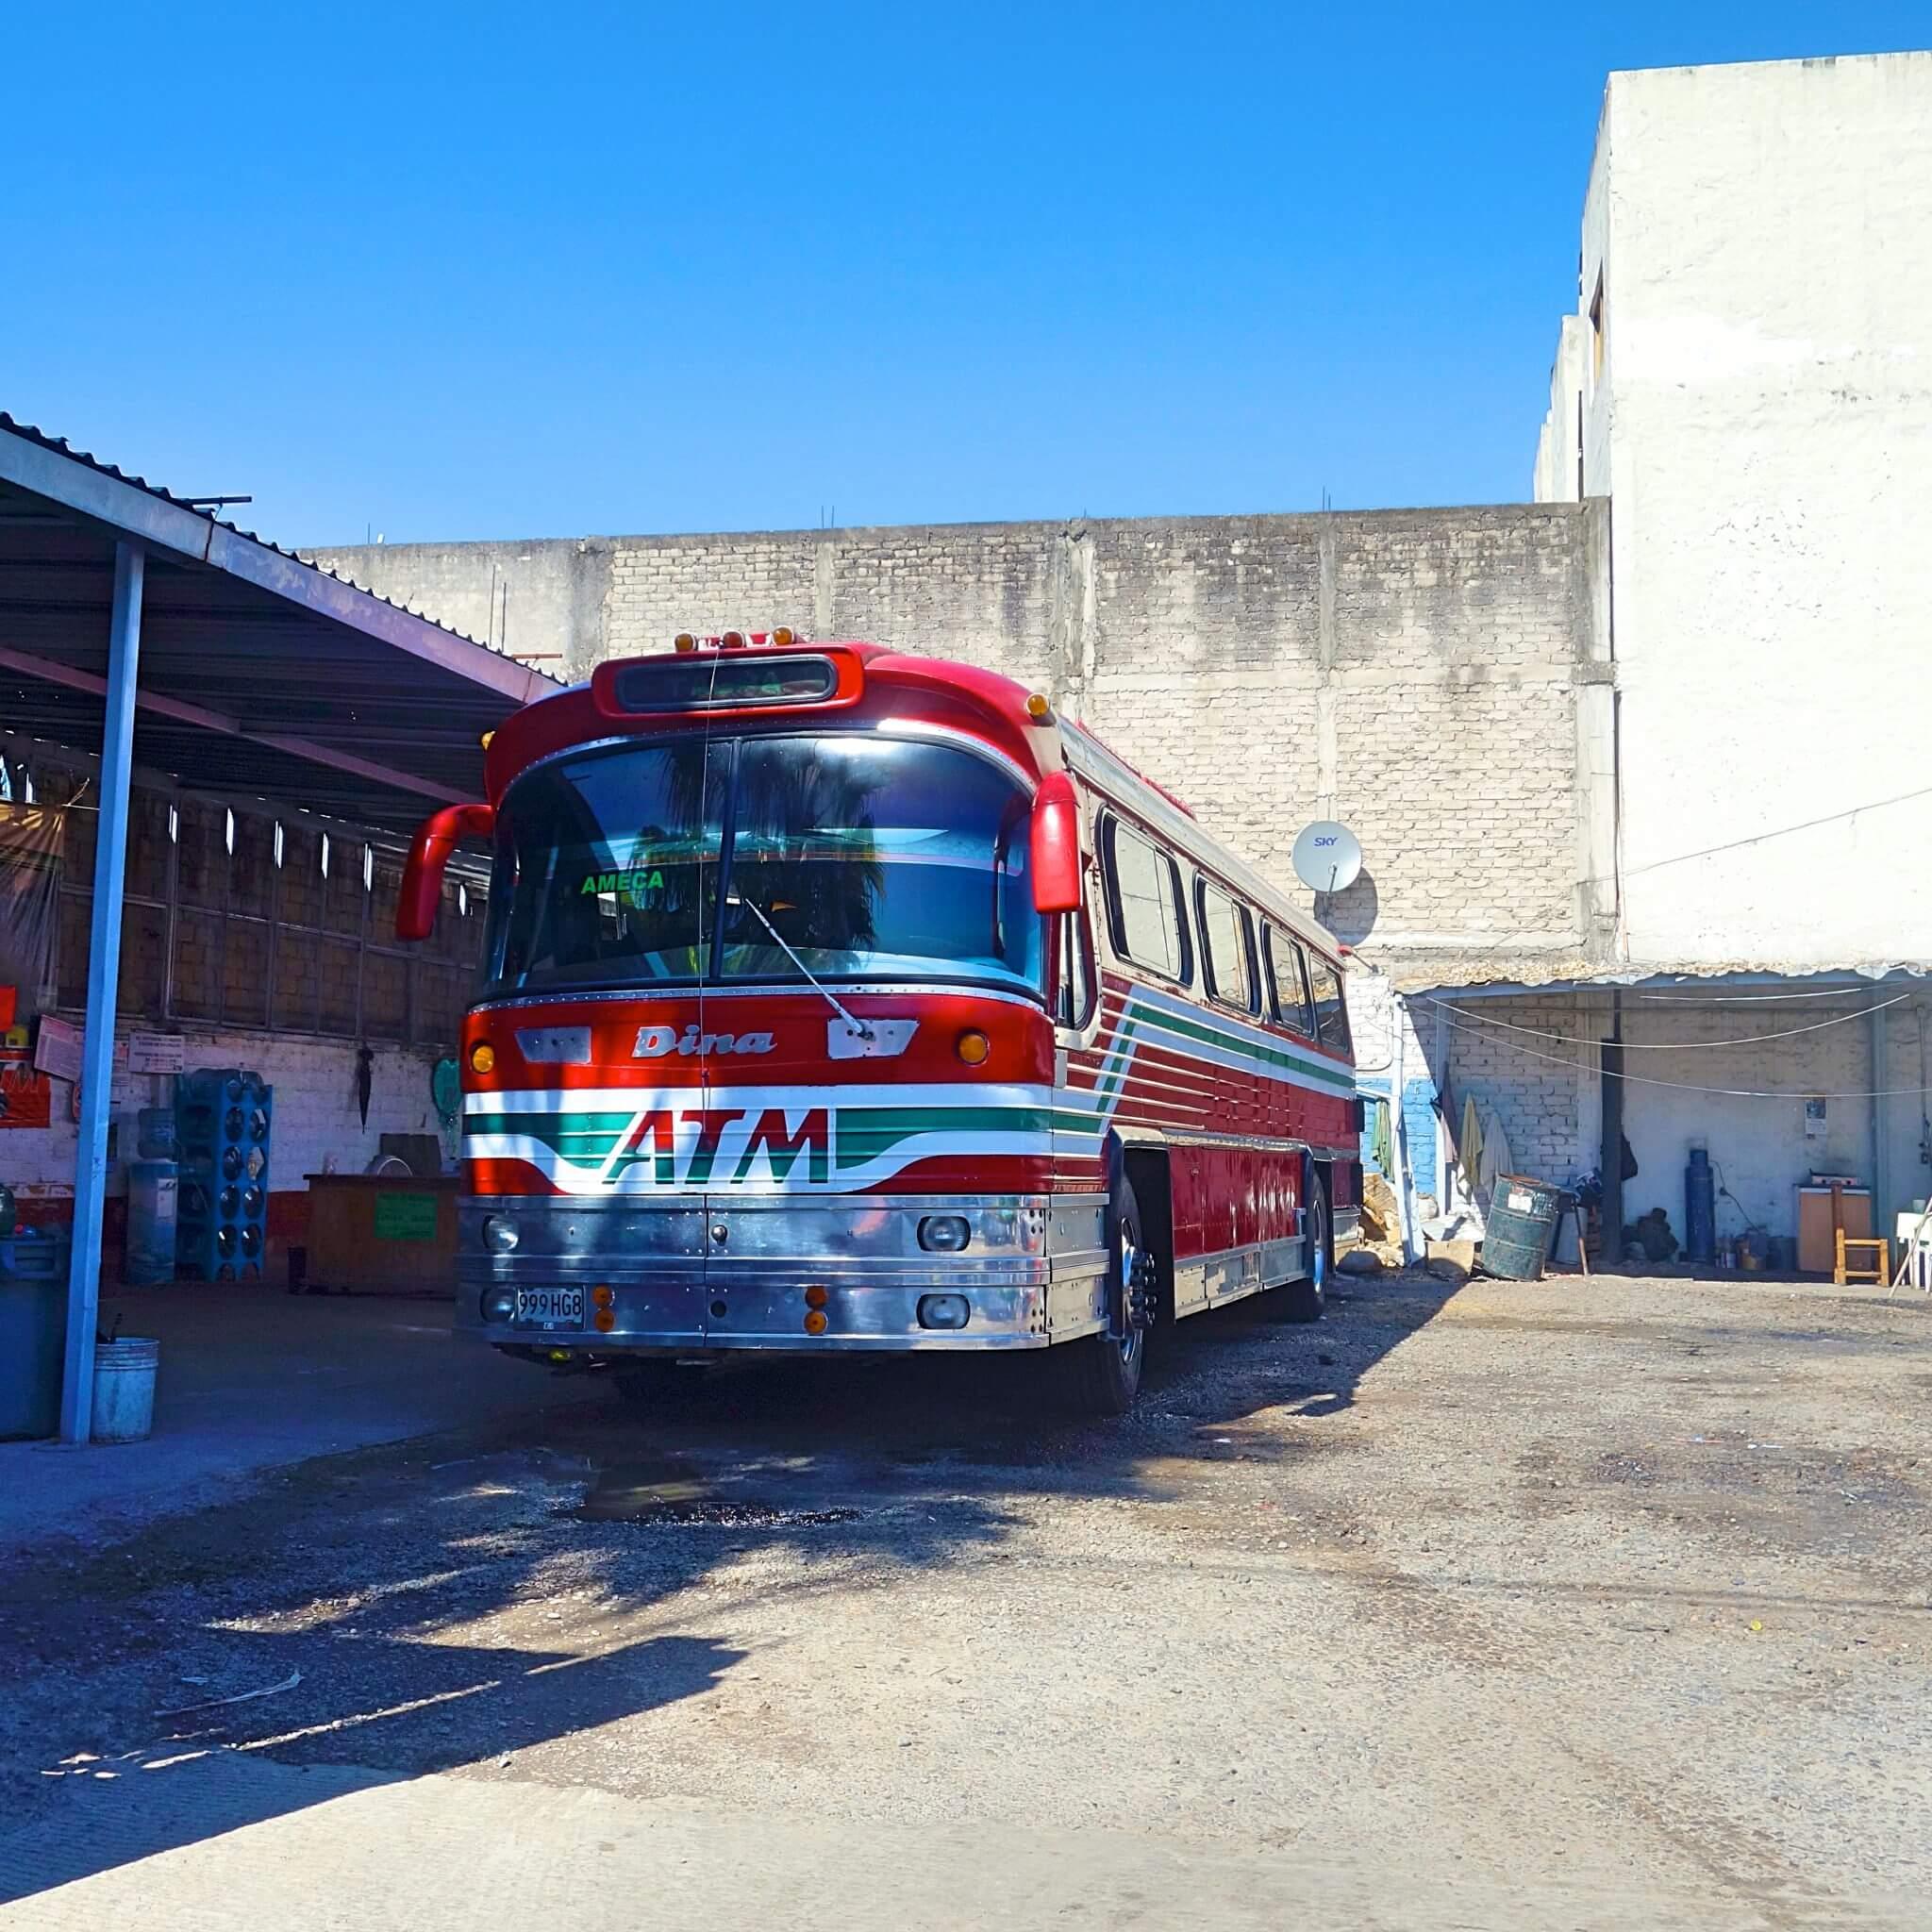 安全にグアダラハラへ!中央バスターミナルへの行き方と長距離バスの乗り方